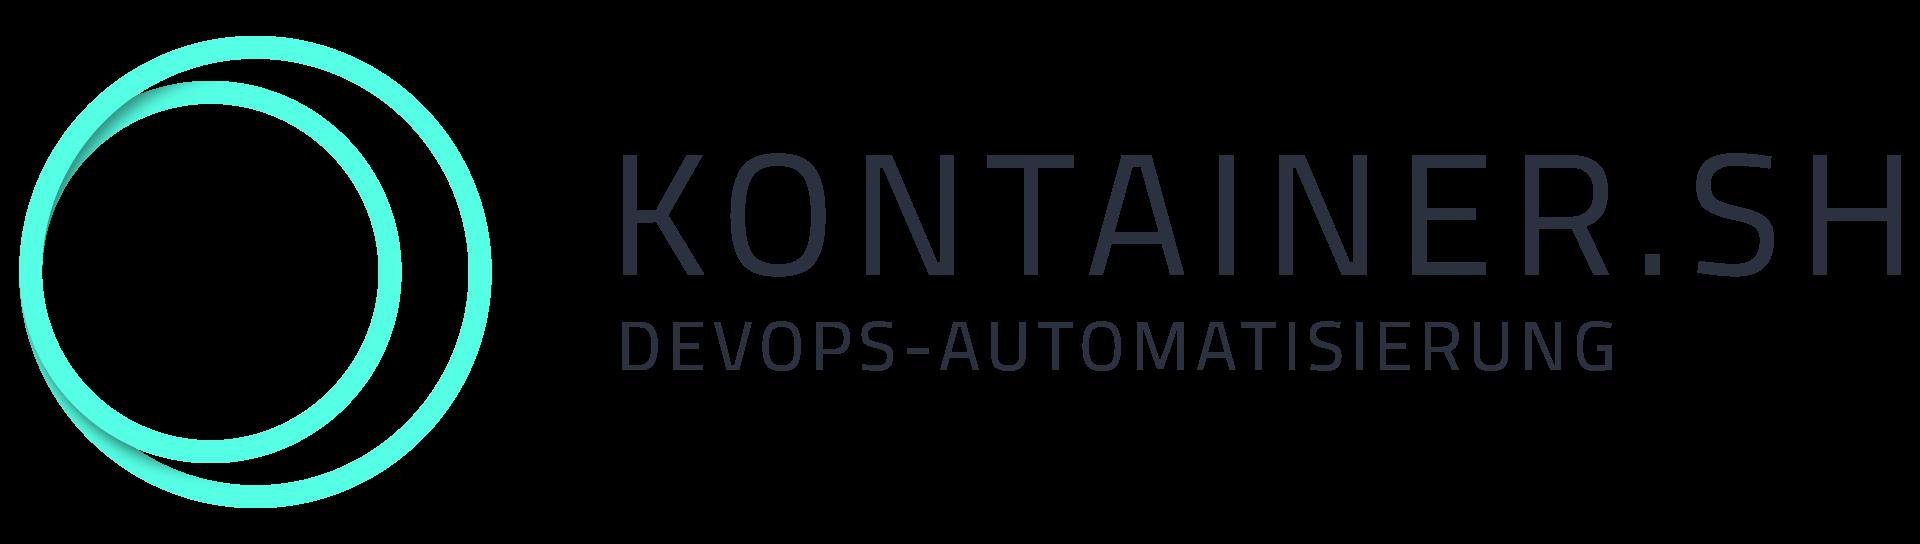 kontainer.sh - Devops-Experte - DevOps-Automatisierung